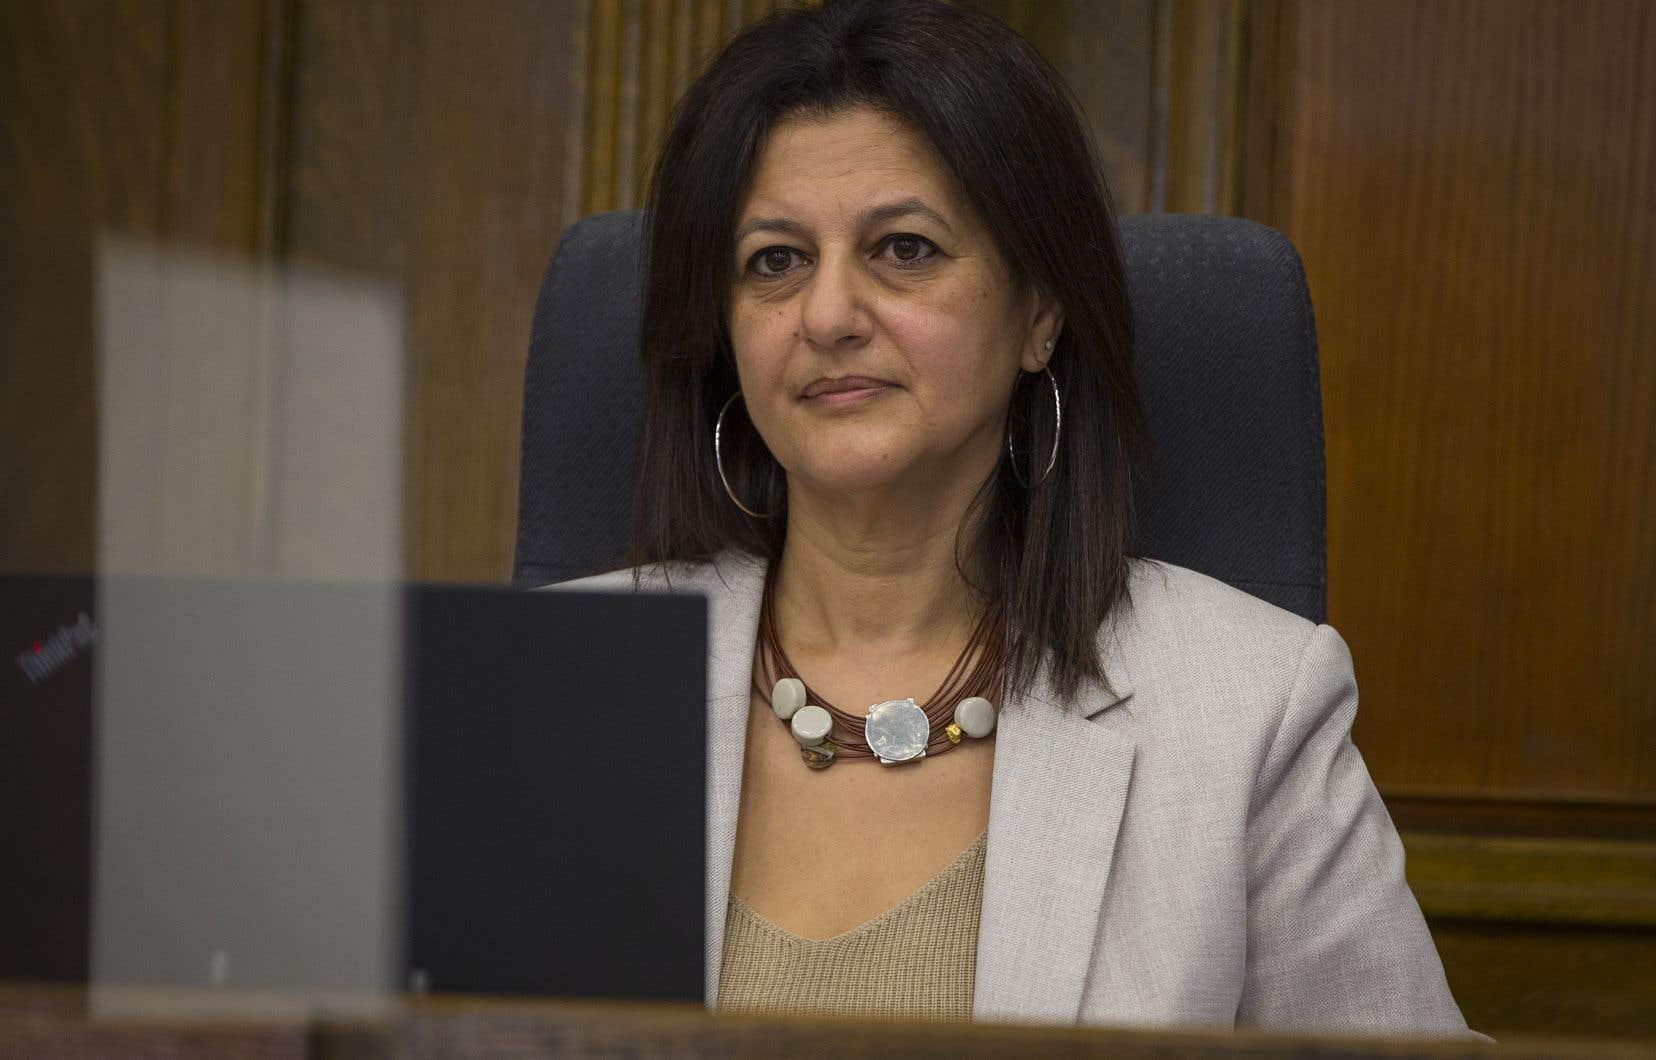 Au terme de l'enquête publique portant sur la mort de Joyce Echaquan, la coroner Géhane Kamel espère que son rapport sera «la fondation d'un pacte social» qui fera dire à tous «plus jamais». À Joyce elle-même, elle a promis que ce dernier ne serait pas complaisant, mais plutôt honnête.